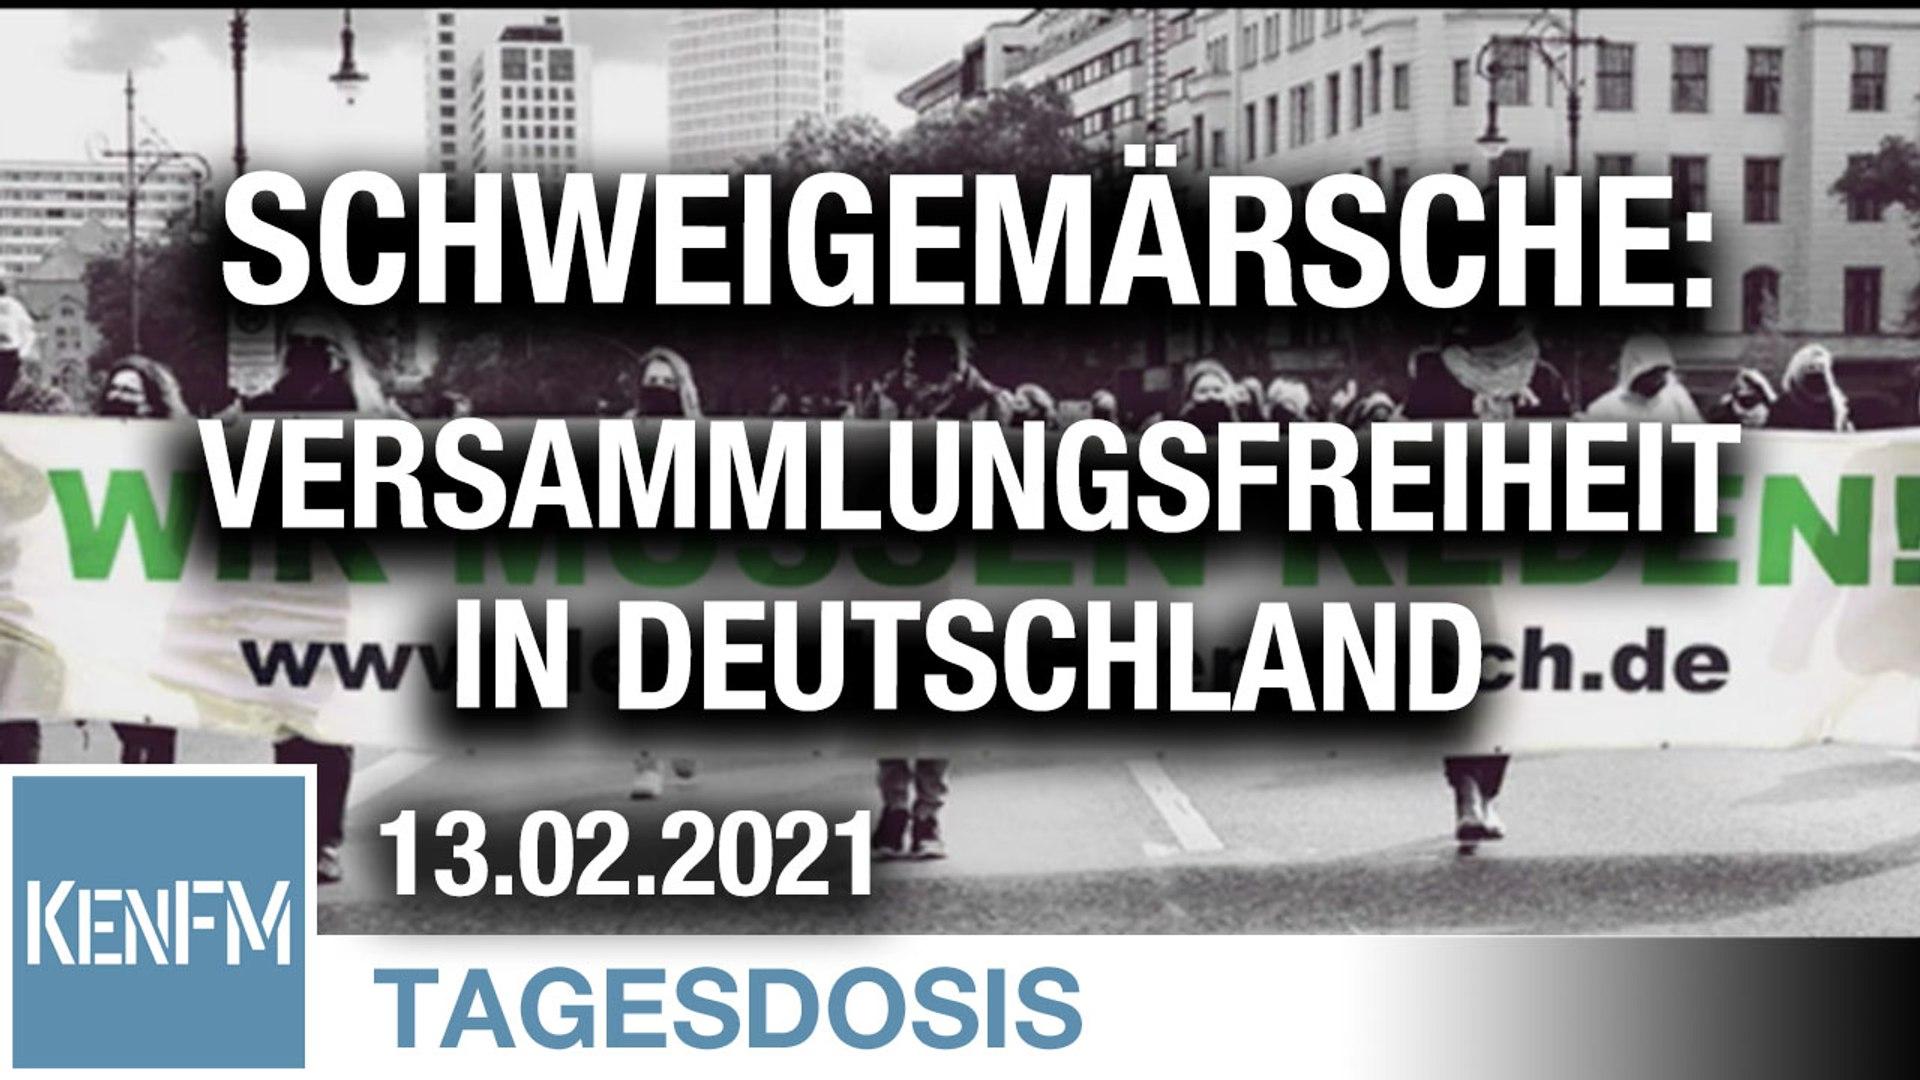 Schweigemärsche: So sieht Versammlungsfreiheit in Deutschland aus